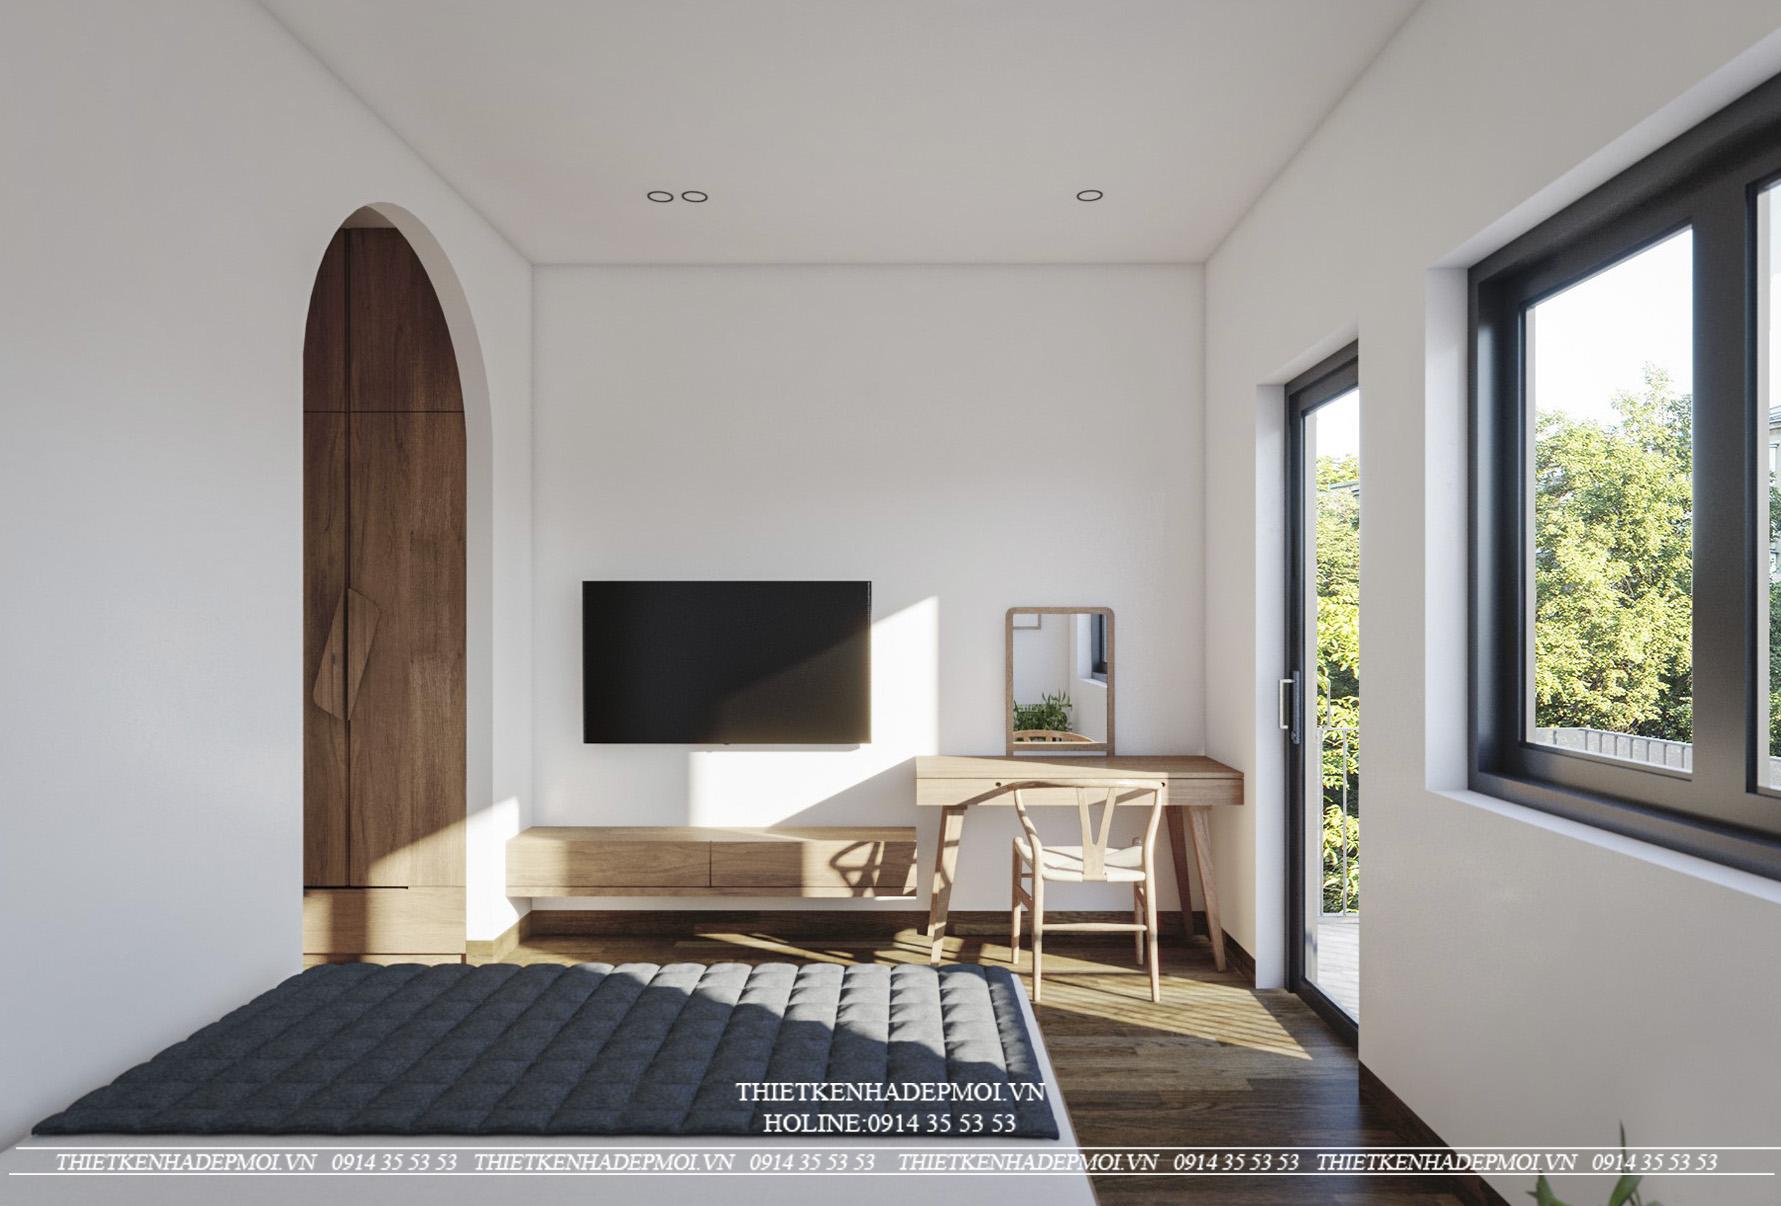 Thiết kế nhà đẹp 3 tầng-2